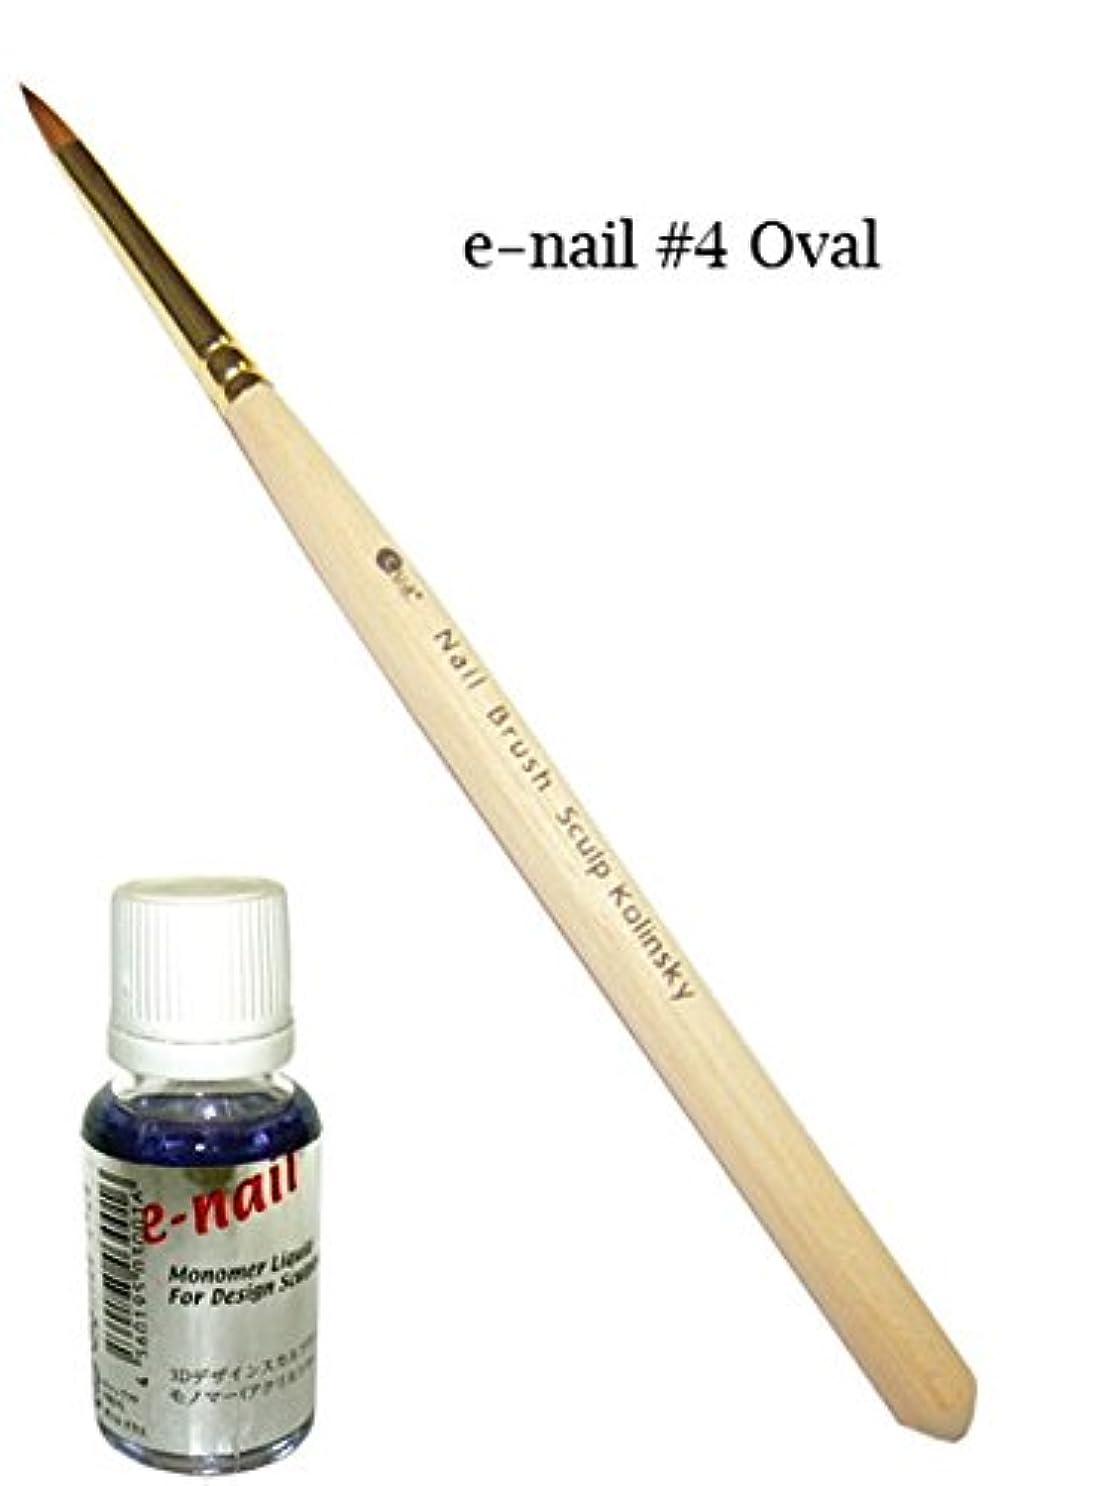 ぴったり発表する決定するデザインスカルプセット(ブラシe-nail#4オーバル+専用モノマー)